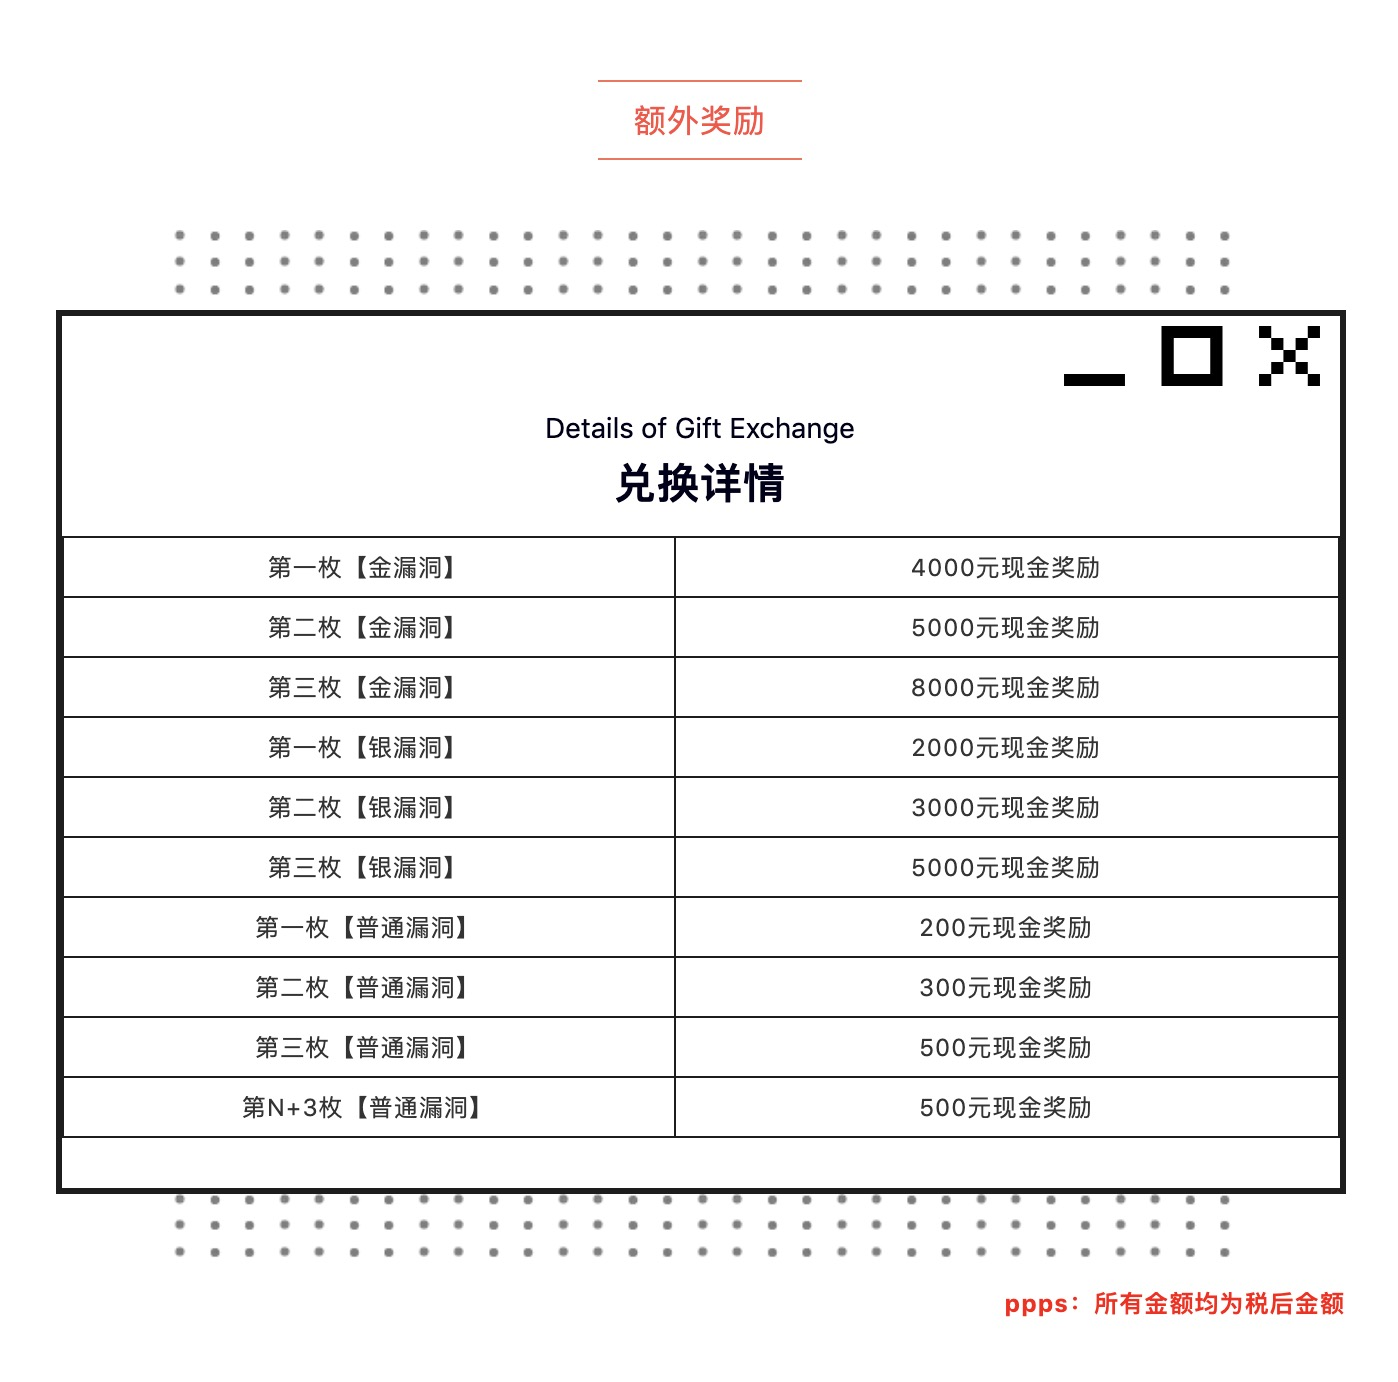 https://momo-mmsrc.oss-cn-hangzhou.aliyuncs.com/img-ff86cdc1-56df-319e-bb04-d3c3d7422e6c.jpeg